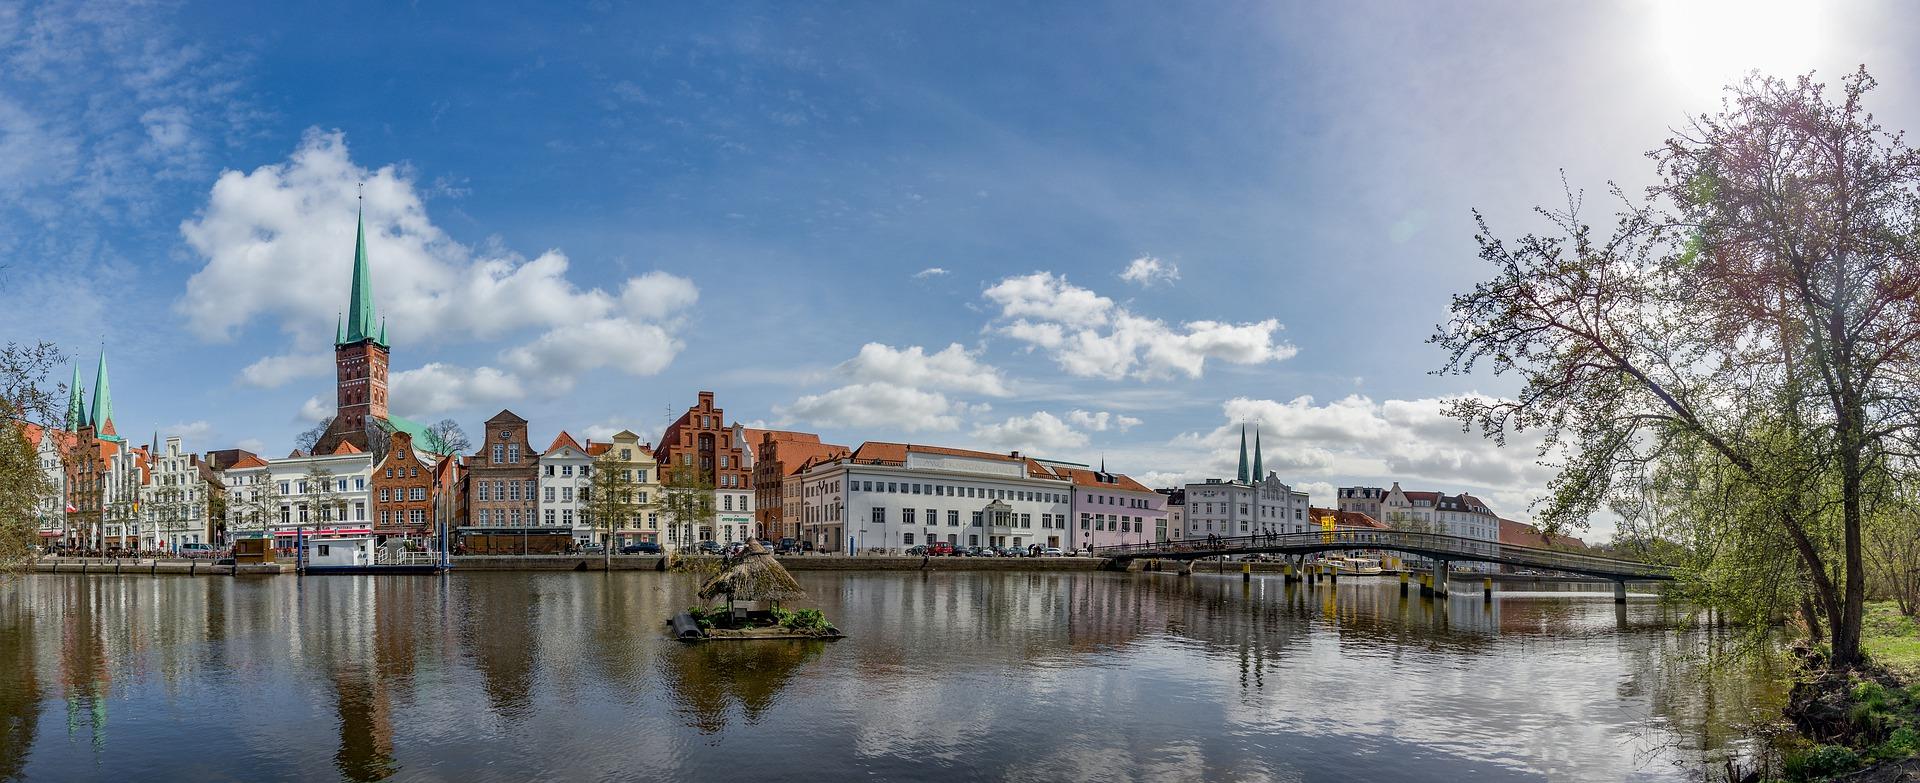 Lübeck Aktivitäten Lübeck Sehenswürdigkeiten